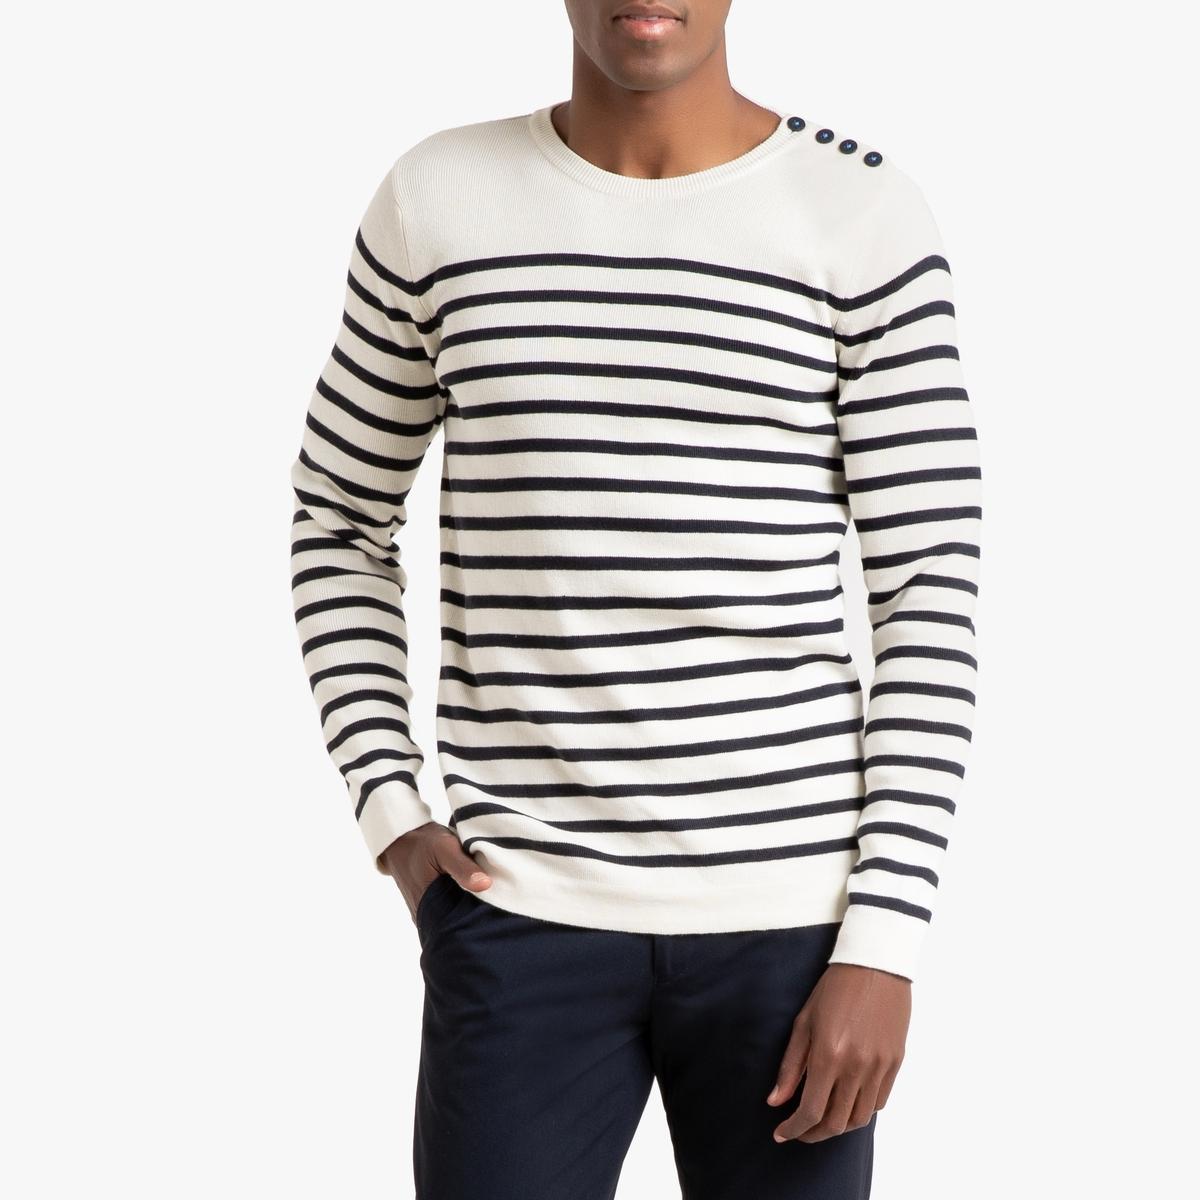 Пуловер La Redoute С круглым вырезом в полоску в морском стиле S бежевый свитшот la redoute с круглым вырезом и вышивкой s черный